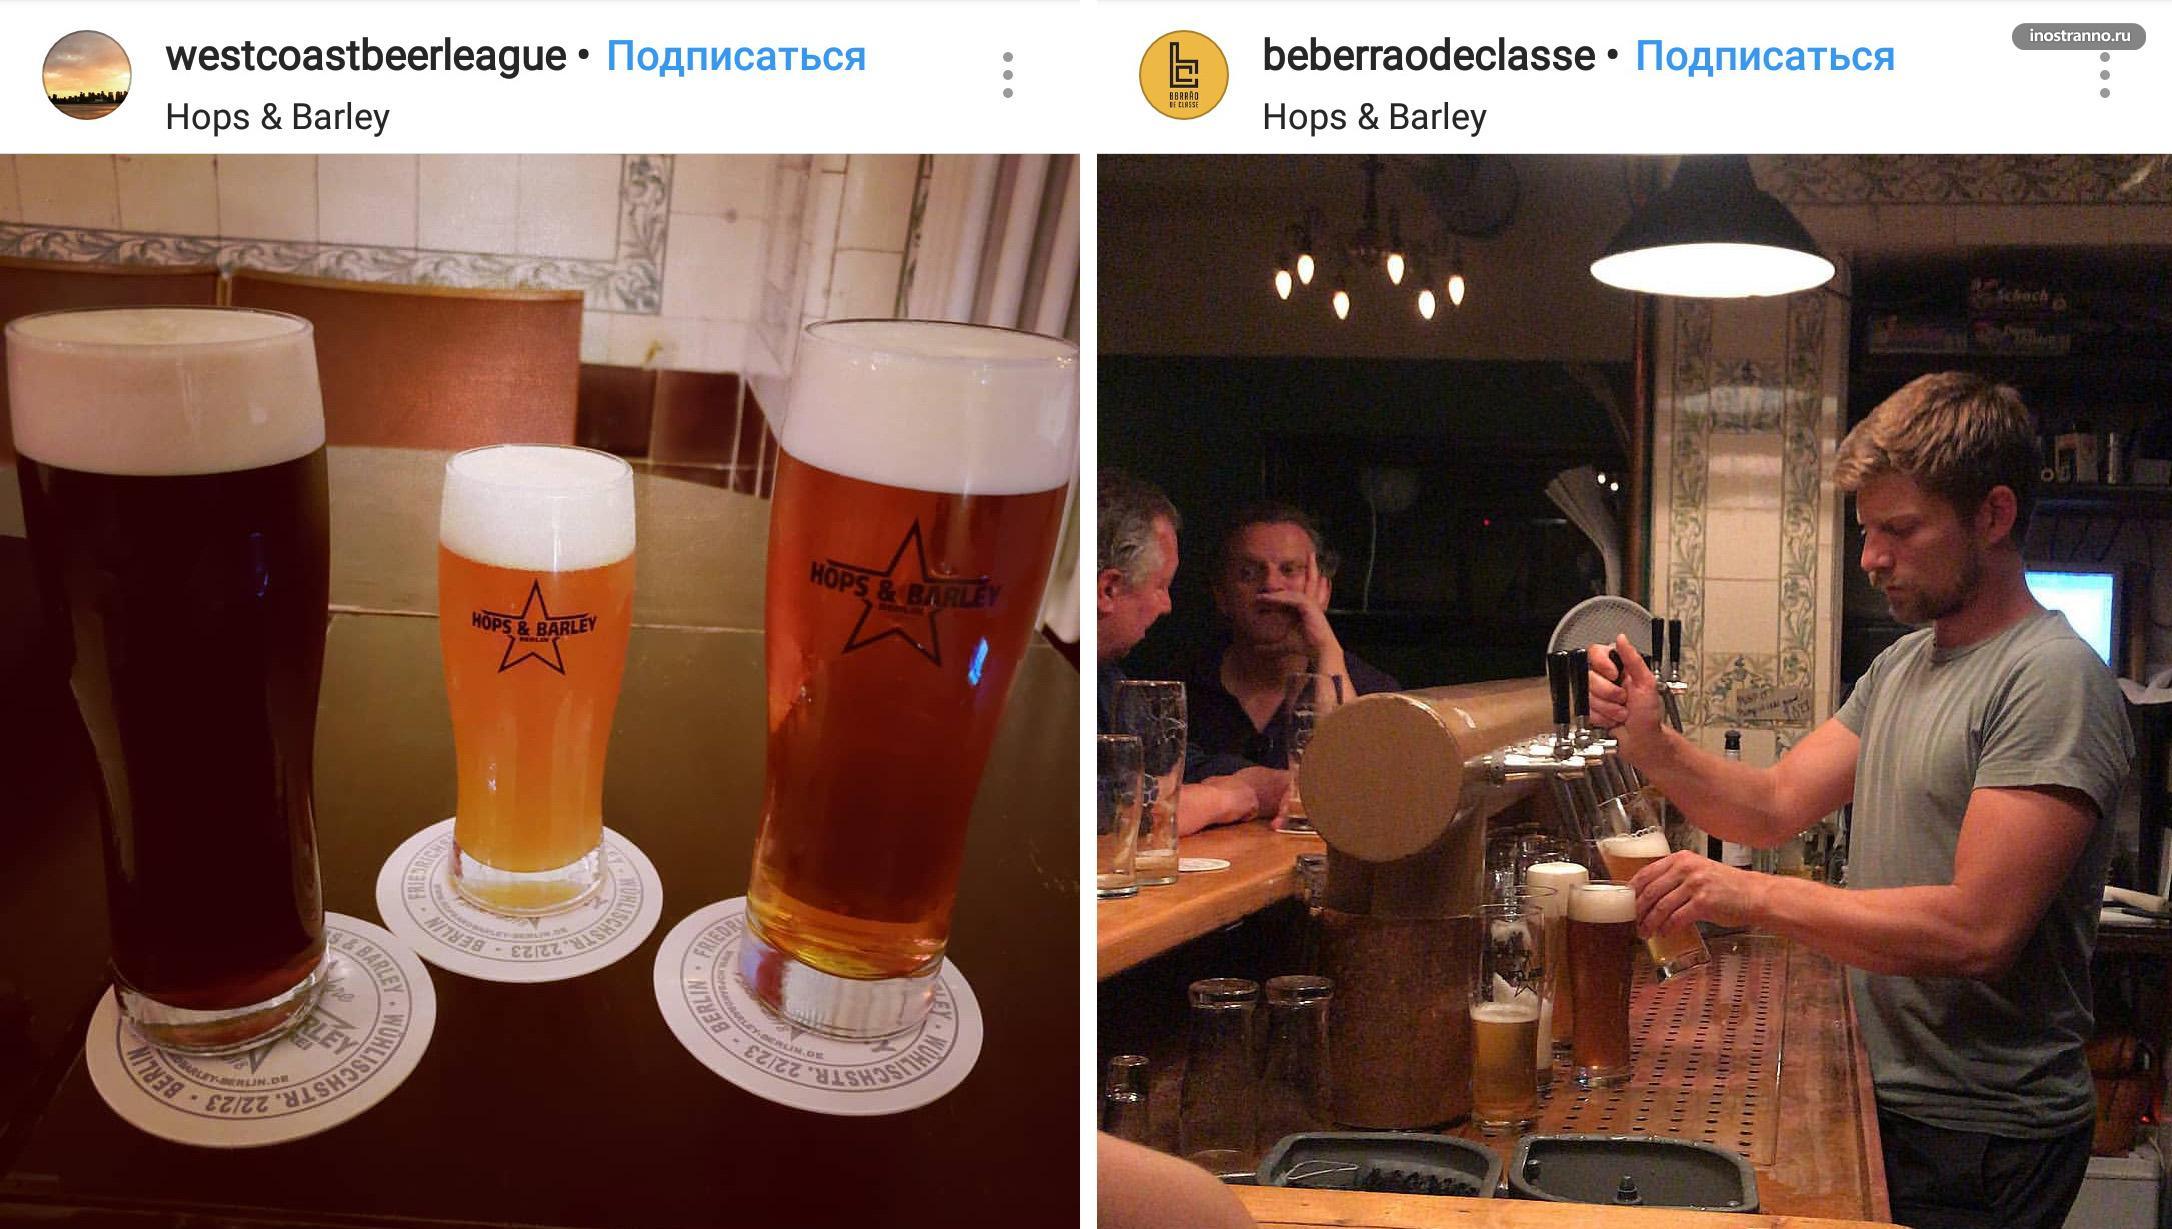 Hops & Barley Hausbrauerei хорошая пивная бар в Берлине